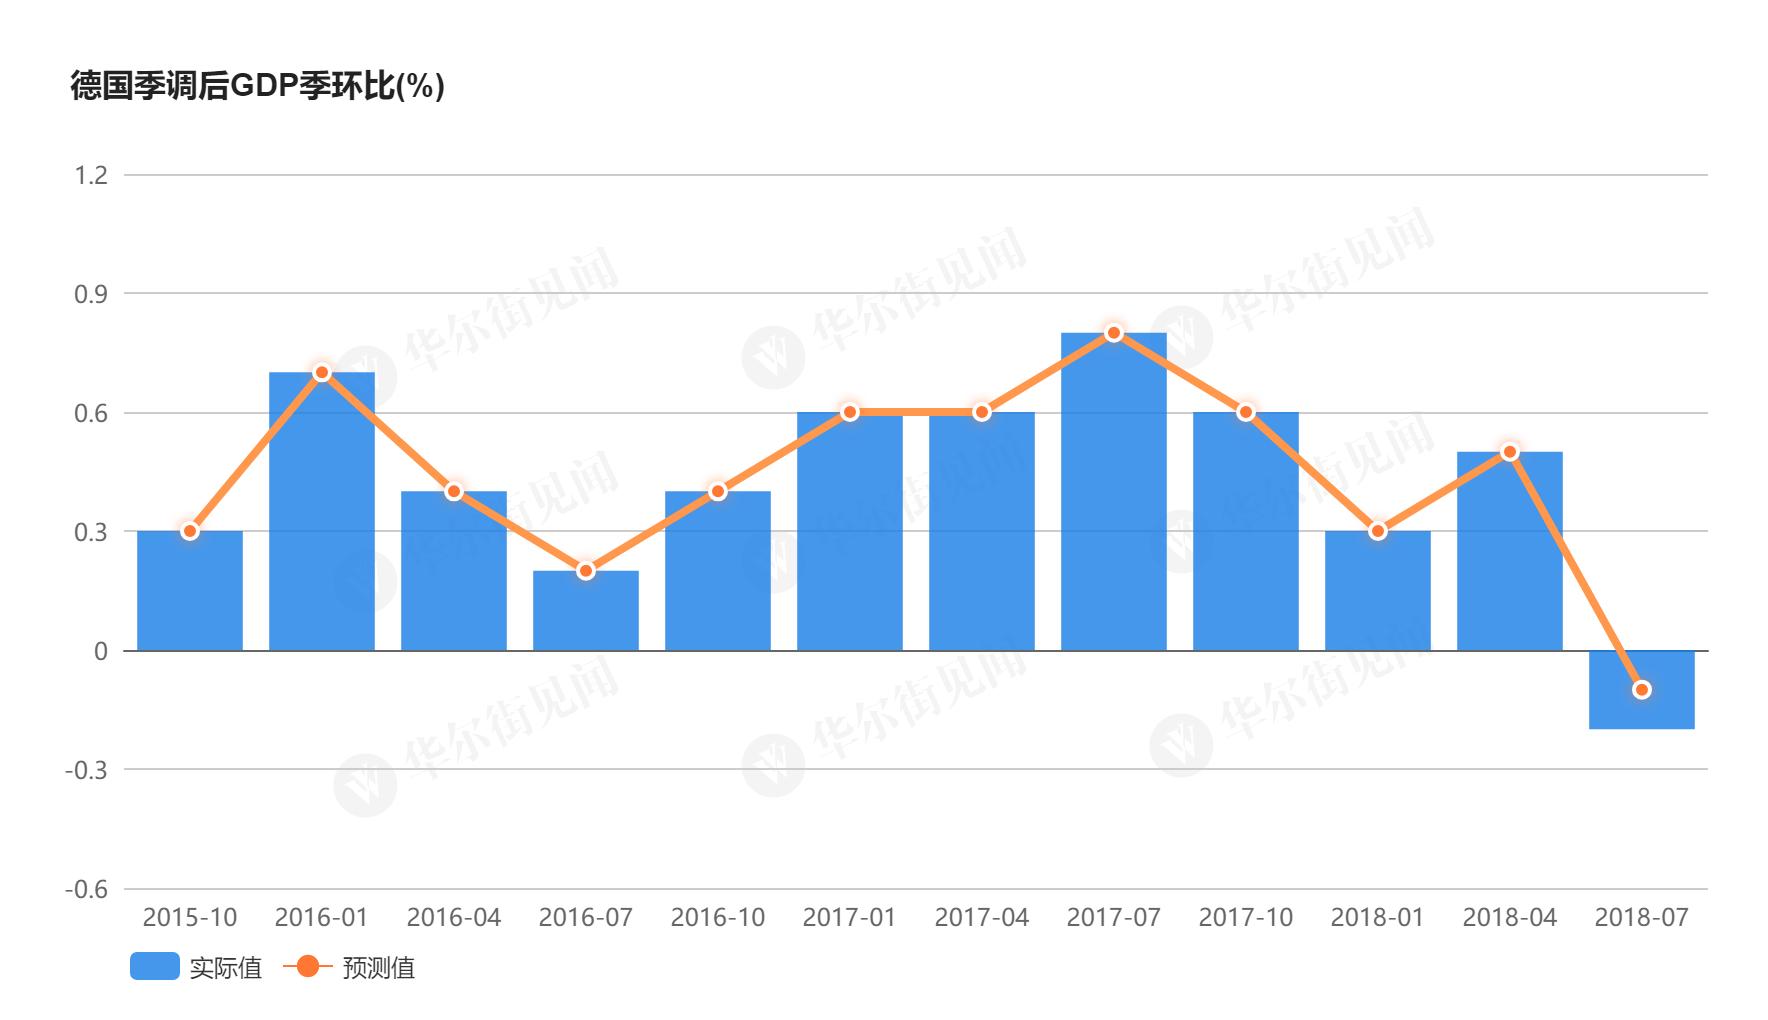 """华尔街见闻挑到,德国的经济失速无疑为正在英国脱欧与意大利预算案中赓续拉扯的欧洲又泼上了当头一盆冷水。尽管德国联邦经济部长阿尔特迈外示疲柔的数据来源于三季度汽车走业产量的短暂下滑,但正在趋于疲弱的出口数据和当局""""亲手""""下调的经济展望却给阿尔特迈的注释增上了一丝""""强走挽尊""""的意味。"""